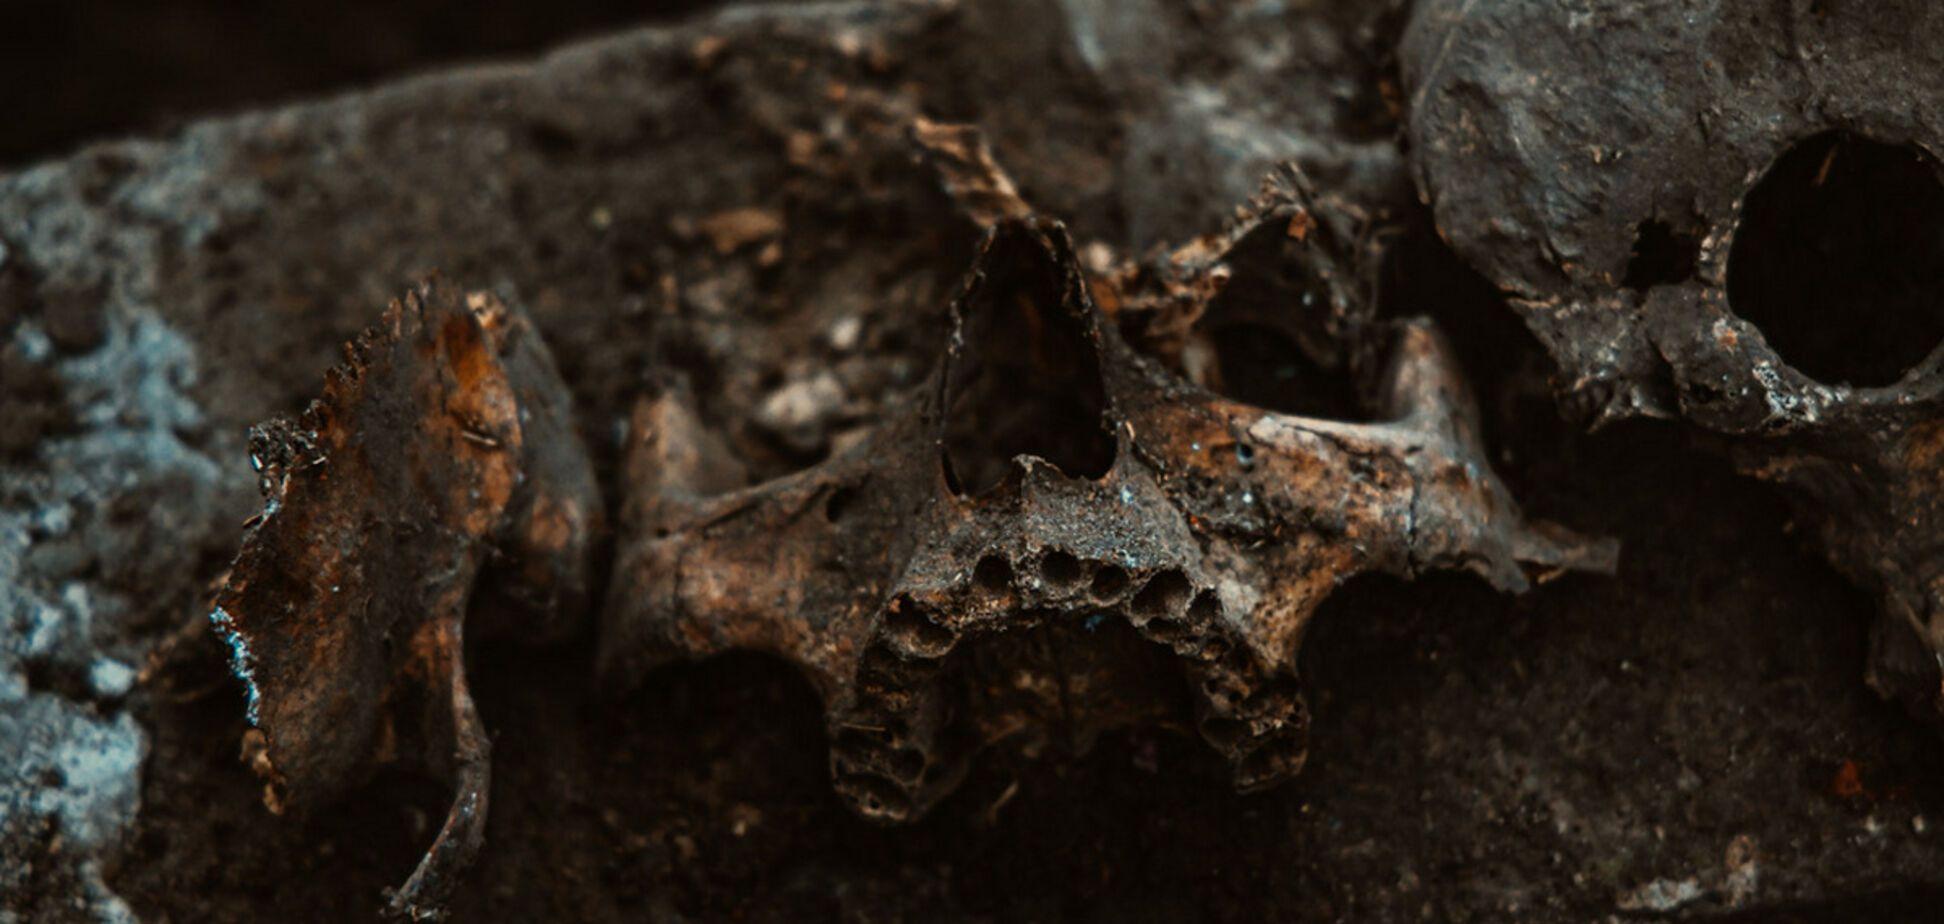 В Днепре возле жилого дома нашли человеческий череп и кости. Фото